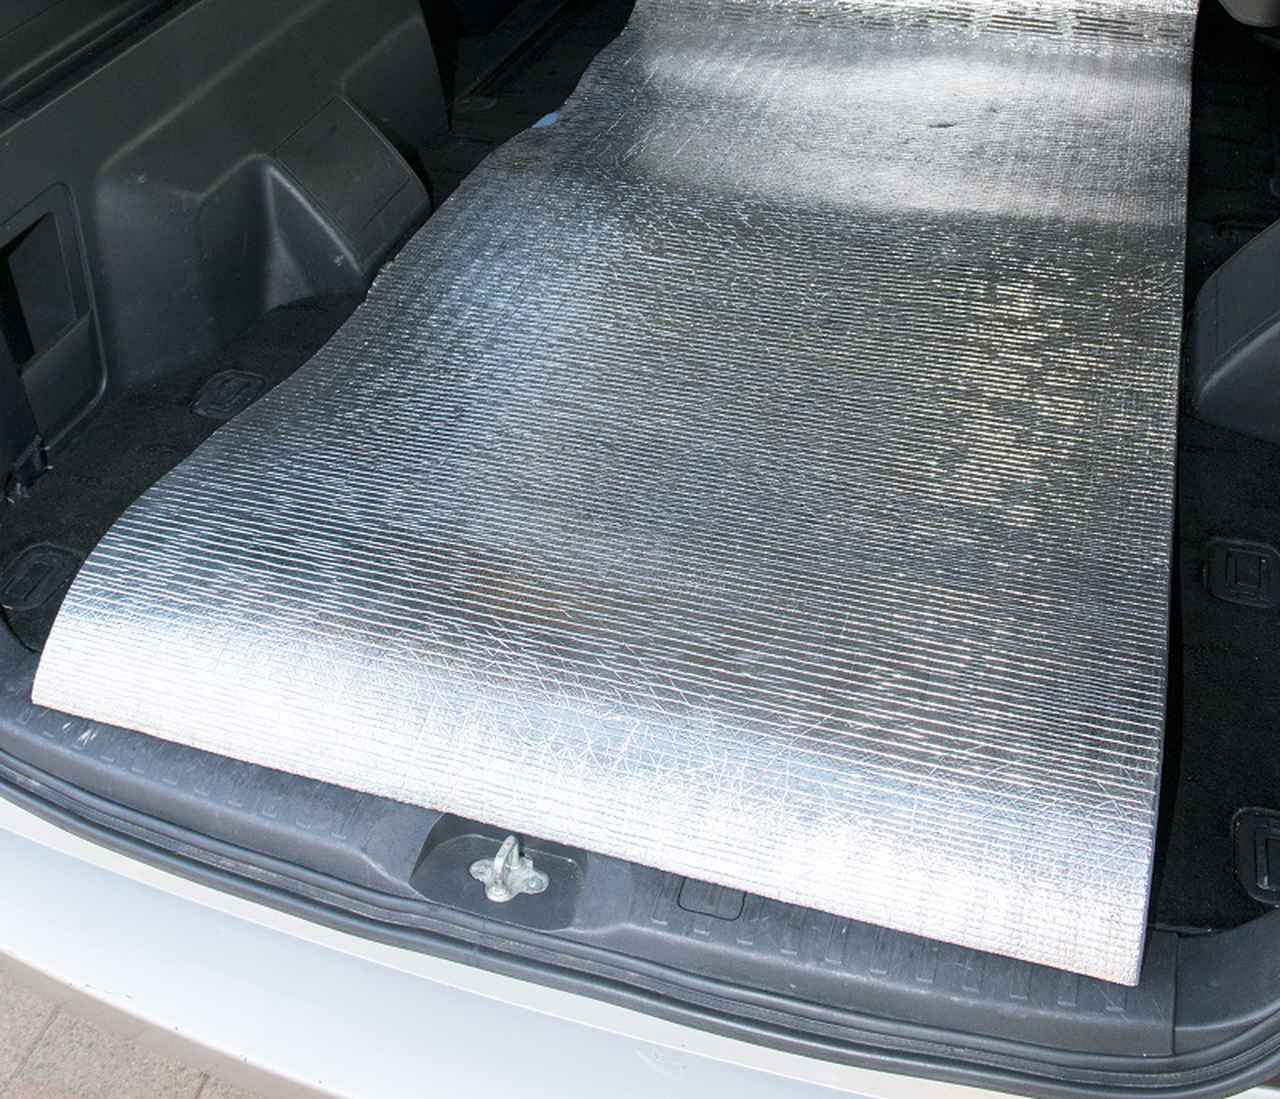 画像: 安価で気軽に買える銀マット。寝心地を重視するなら、車中泊用やキャンプ用のマットやベッドを買うのがおすすめ。